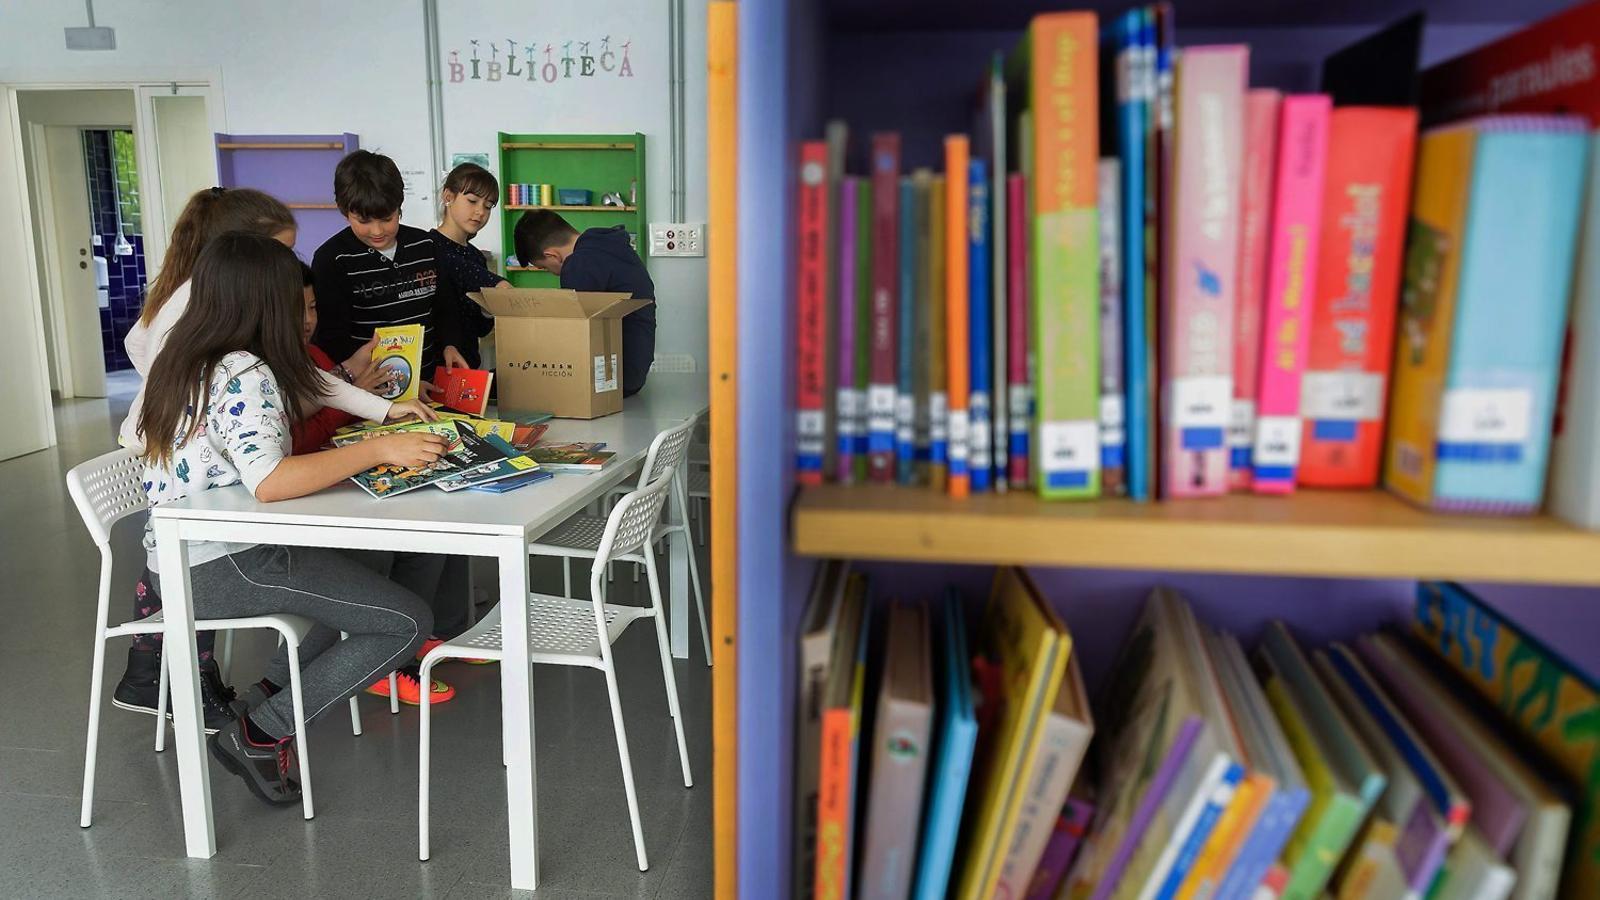 Passió pels llibres en l'era digital